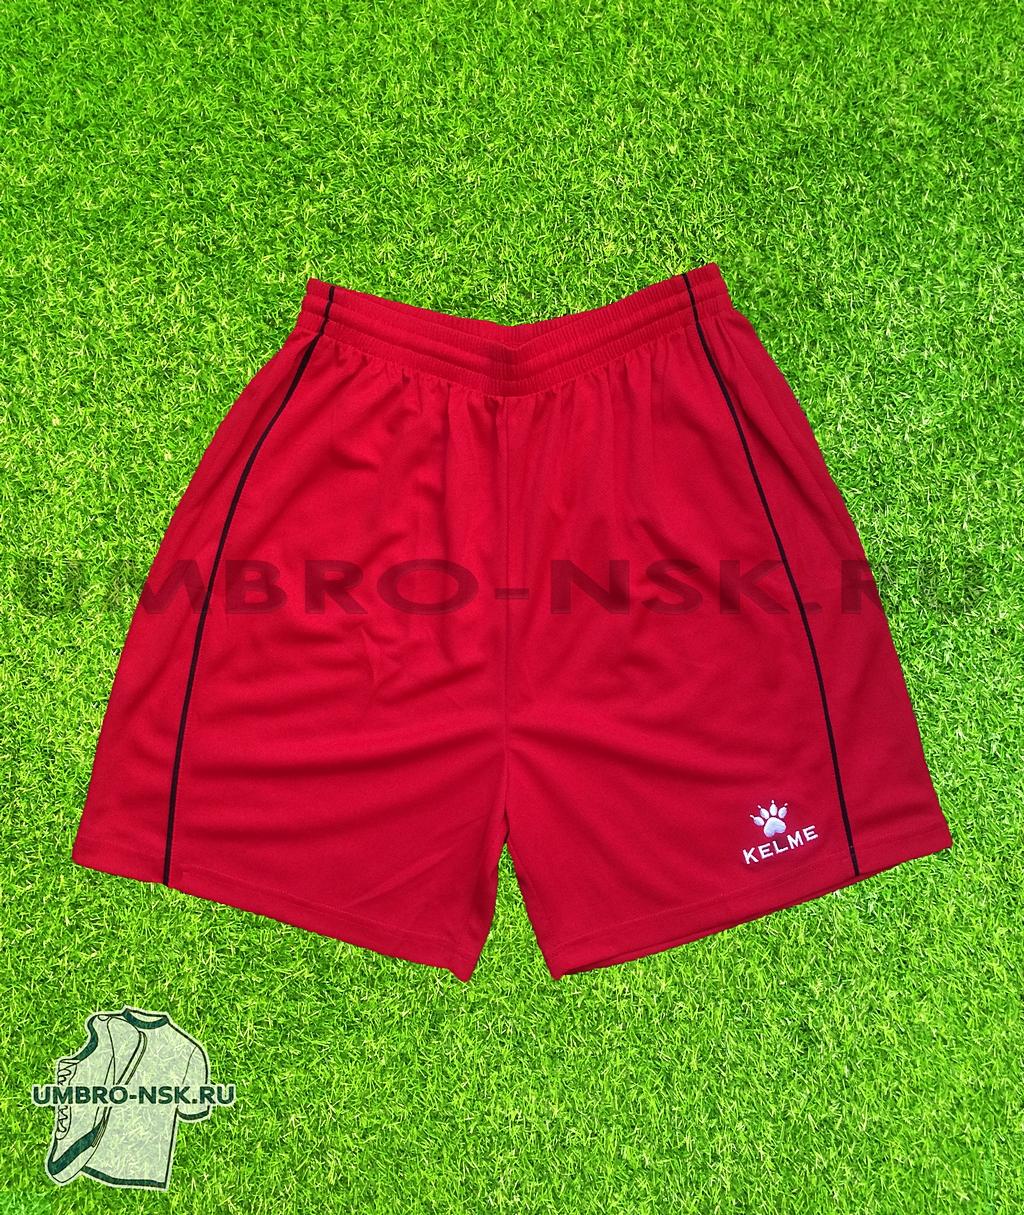 Купить красные футбольные шорты Kelme 6478